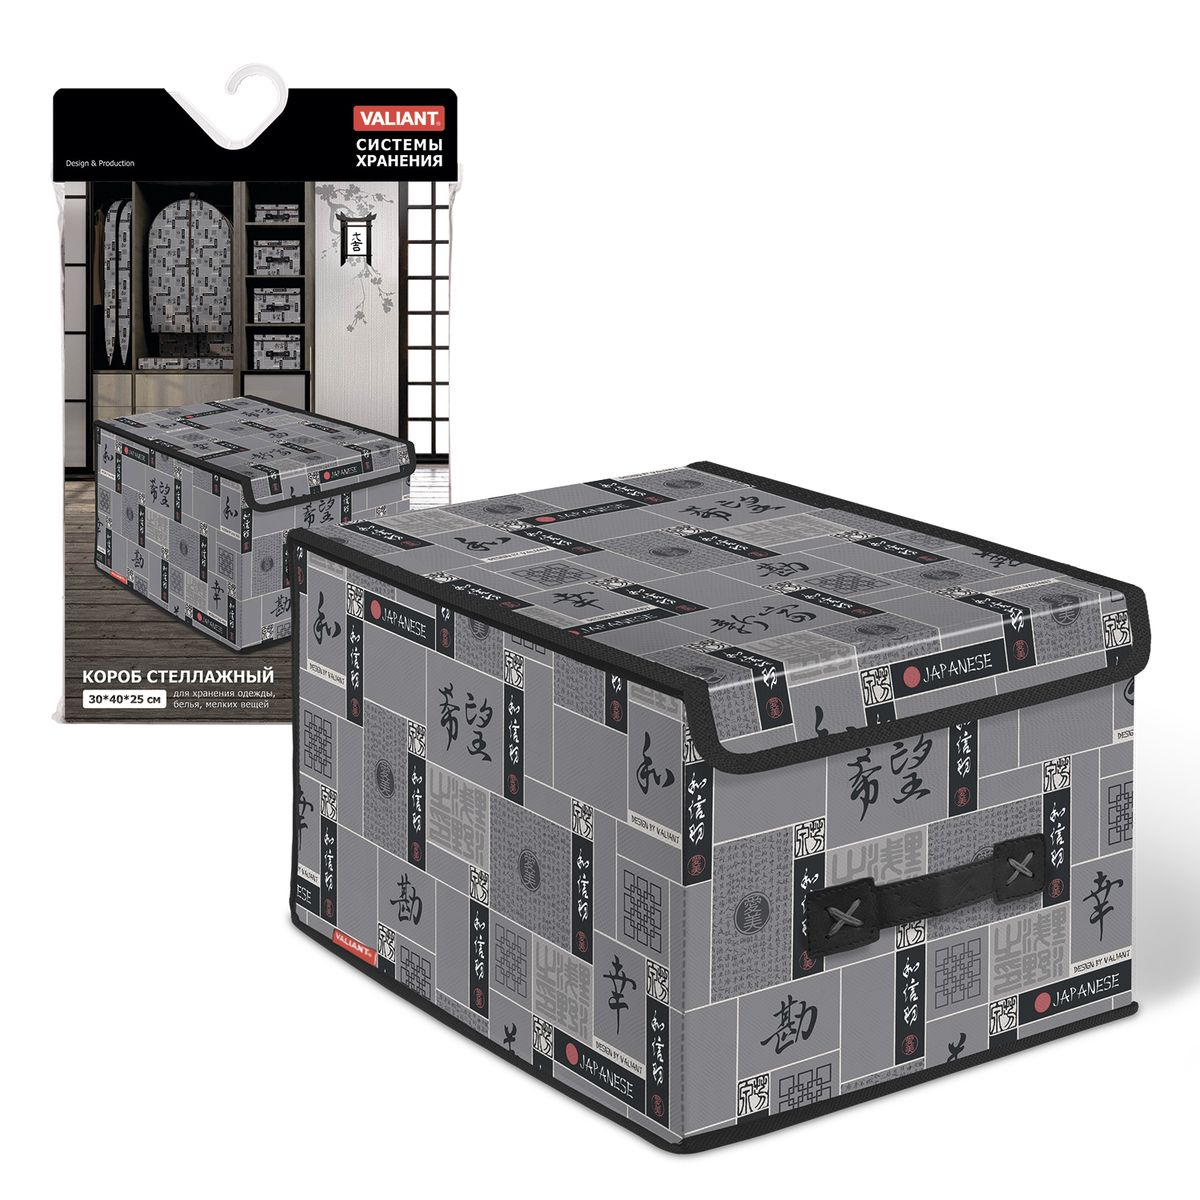 Короб стеллажный Valiant Japanese Black, с крышкой, 30 х 40 х 25 смБрелок для ключейСтеллажный короб Valiant Japanese Black изготовлен из высококачественного нетканого материала, который обеспечивает естественную вентиляцию, позволяя воздуху проникать внутрь, но не пропускает пыль. Вставки из плотного картона хорошо держат форму. Короб снабжен специальной крышкой, которая фиксируется с помощью двух магнитов. Изделие отличается мобильностью: легко раскладывается и складывается. В таком коробе удобно хранить одежду, белье и мелкие аксессуары.Красивый авторский дизайн прекрасно впишется в интерьер женского гардероба и создаст трогательную атмосферу романтического настроения. Оригинальный дизайн придется по вкусу ценительницам эстетичного хранения. Системы хранения в едином дизайне сделают вашу гардеробную изысканной и невероятно стильной.